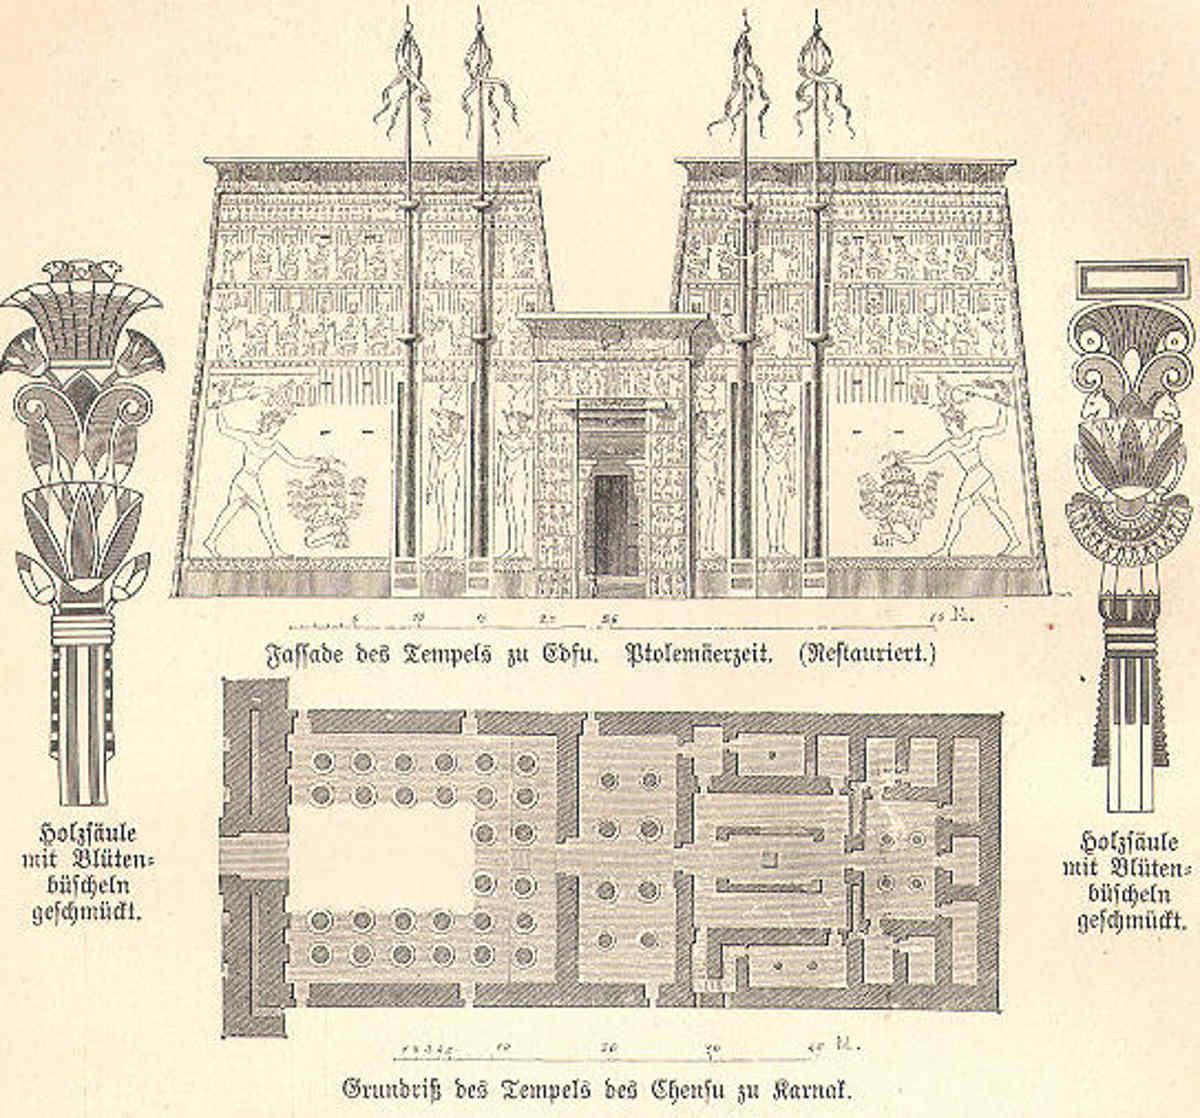 crociera sul fiume Nilo immagine e pianta del Tempio di Horus a Edfu- fonte web